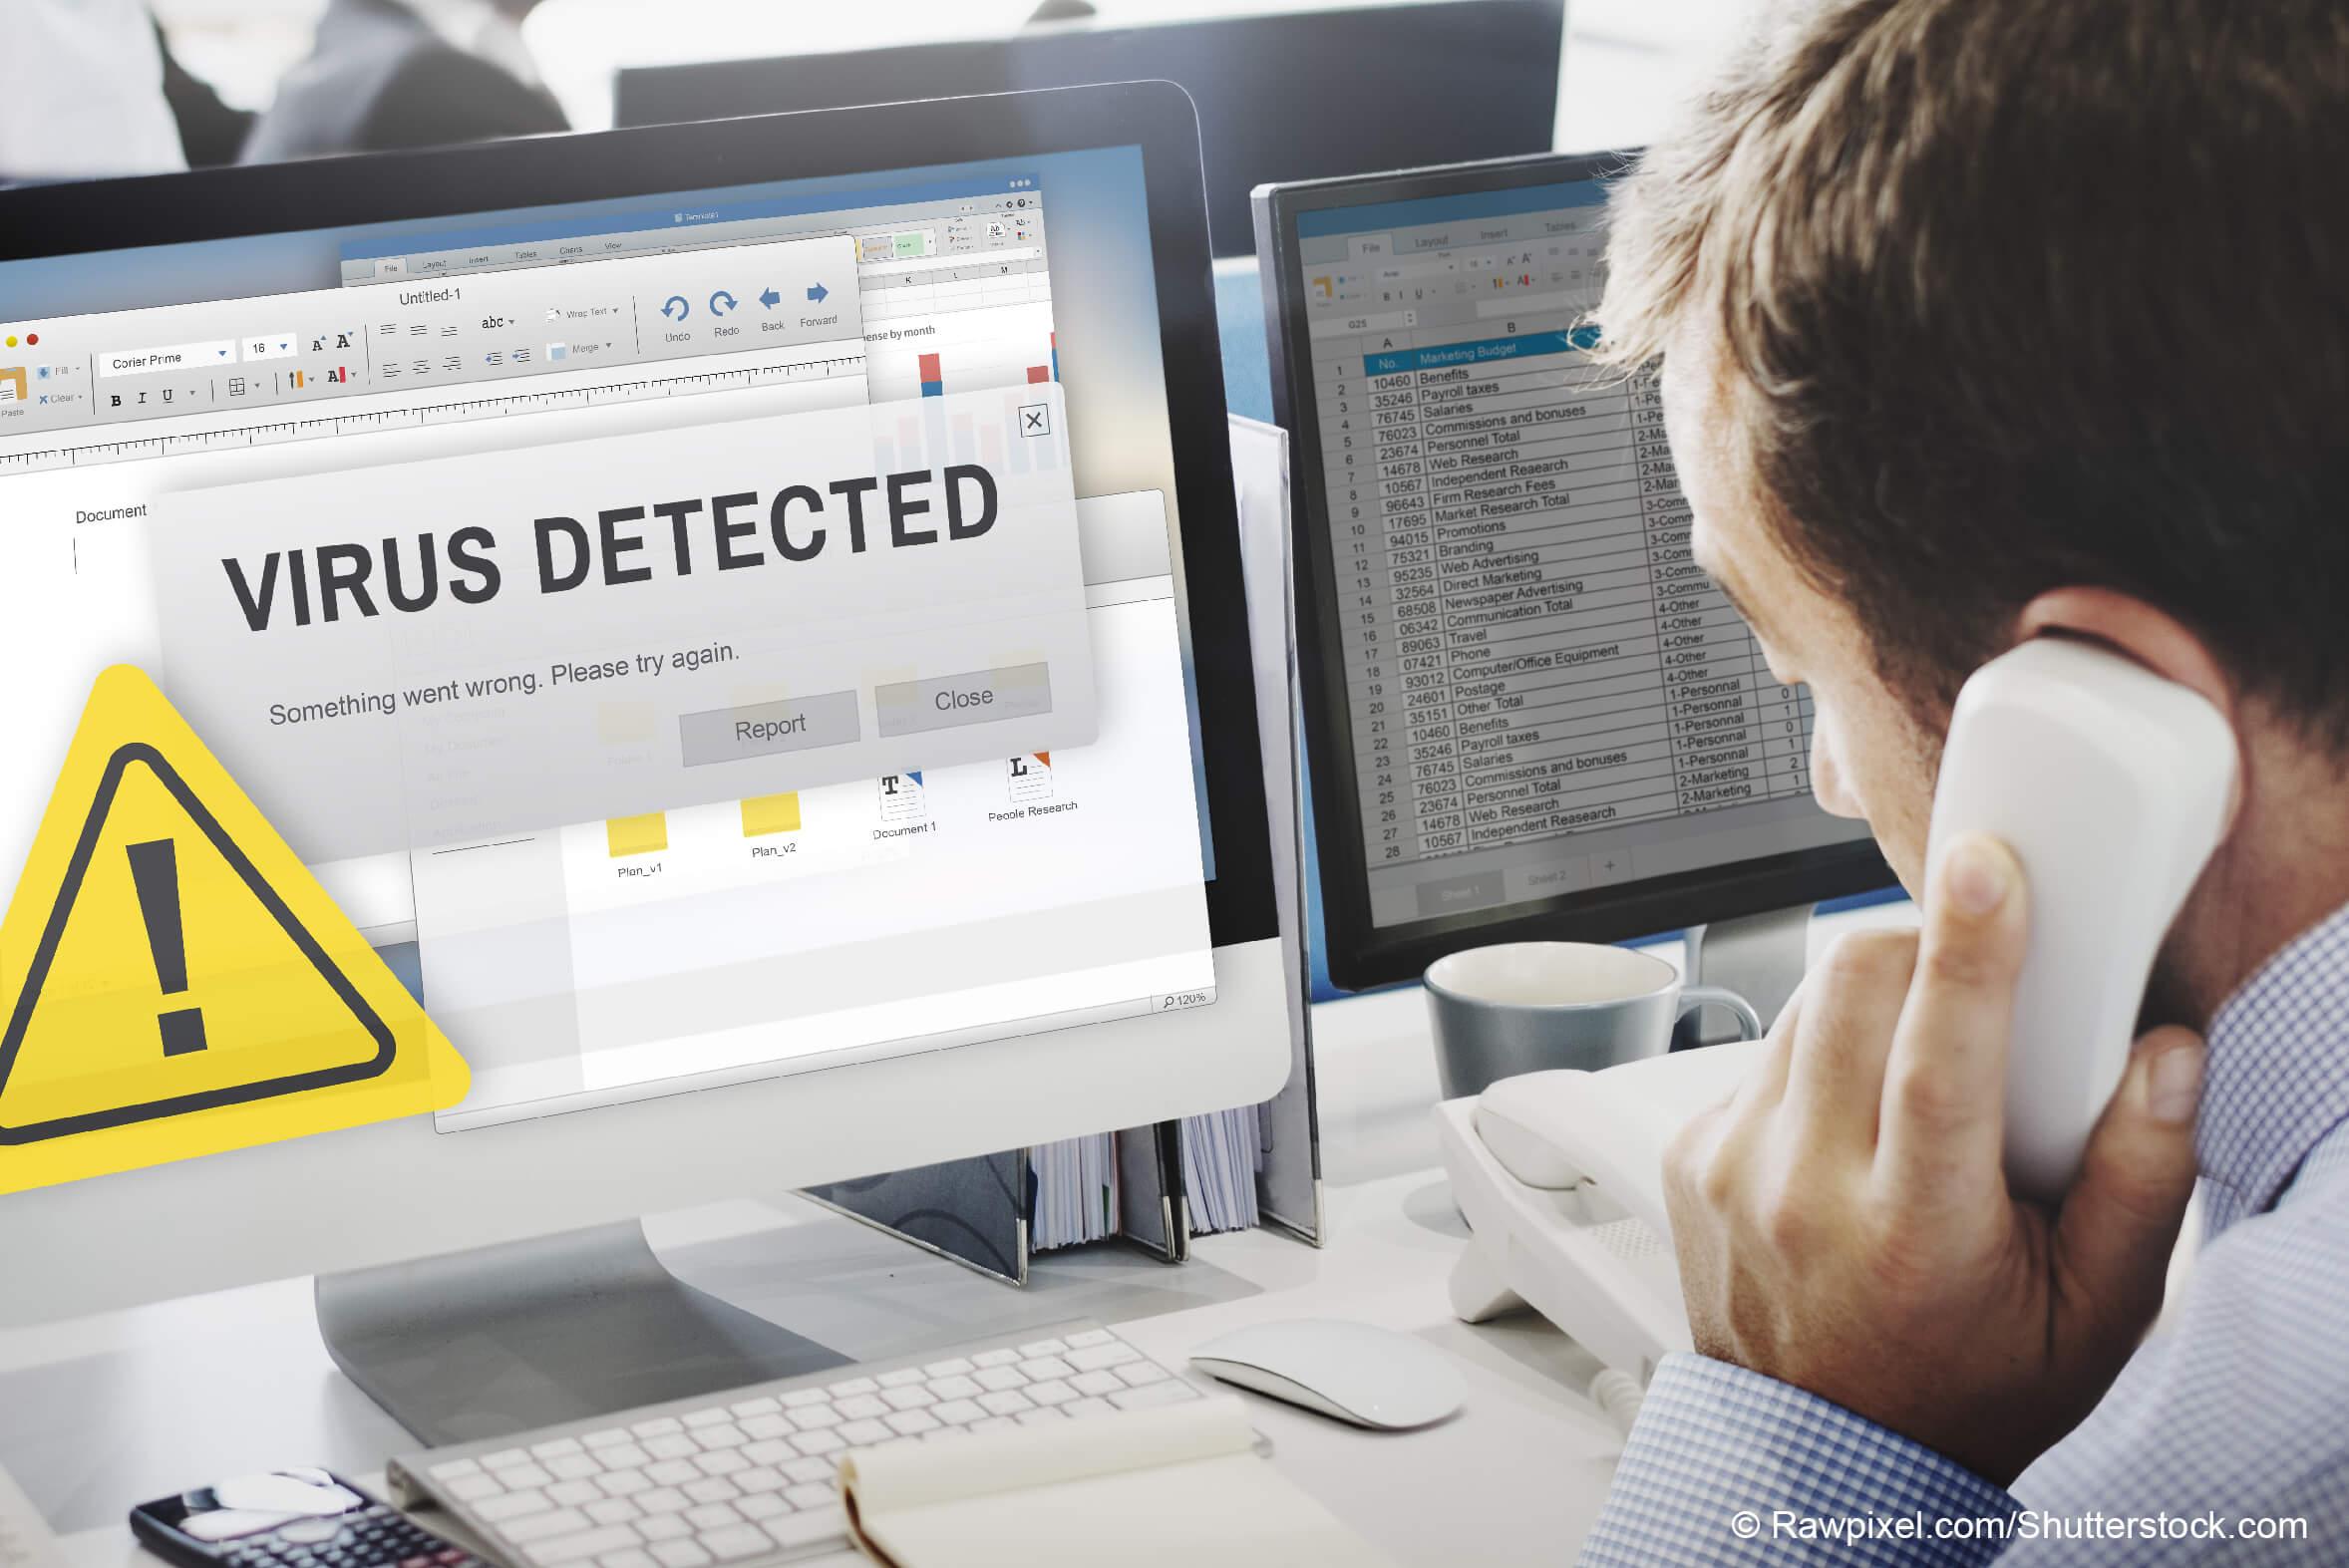 Verhaltensregeln beim Auftreten von Schadsoftware